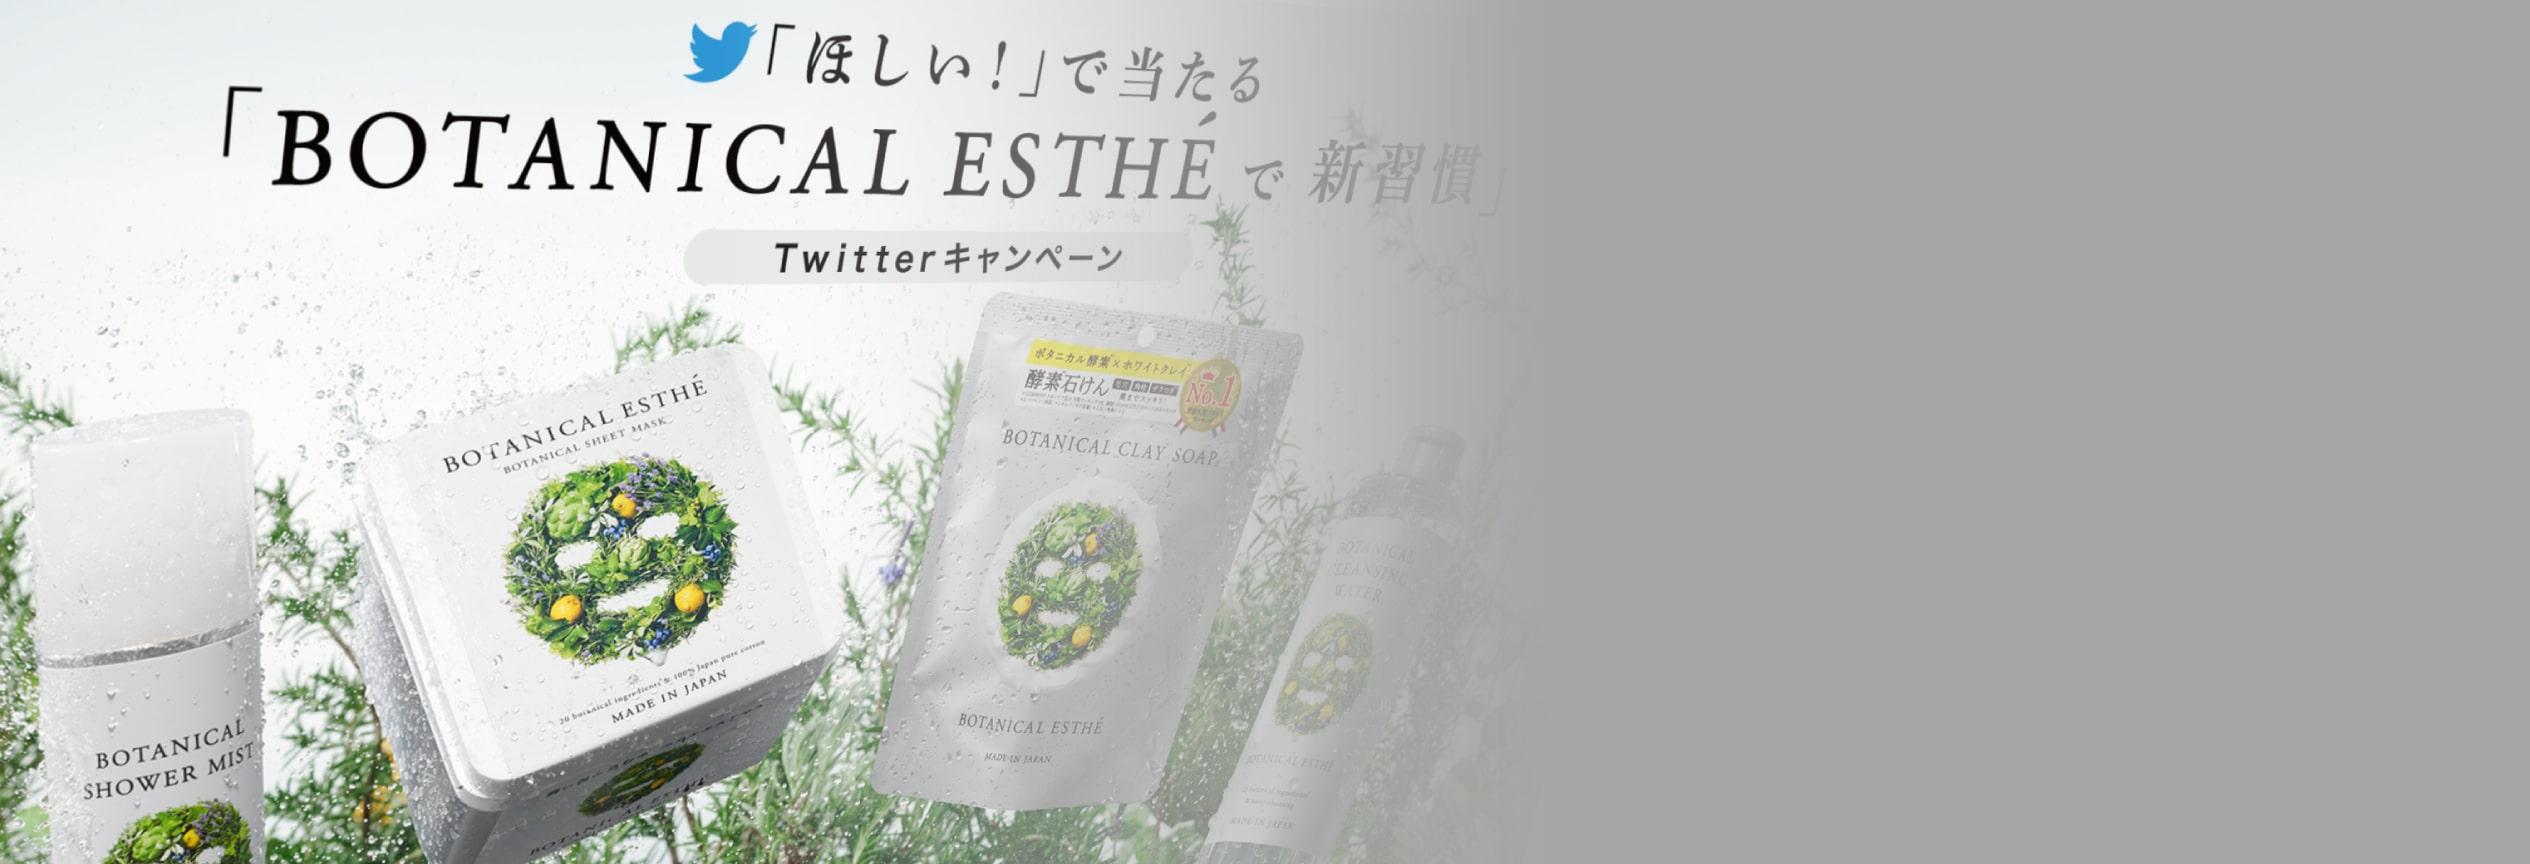 「ほしい!」で当たる「BOTANICAL ESTHEで新習慣」Twitterキャンペーン